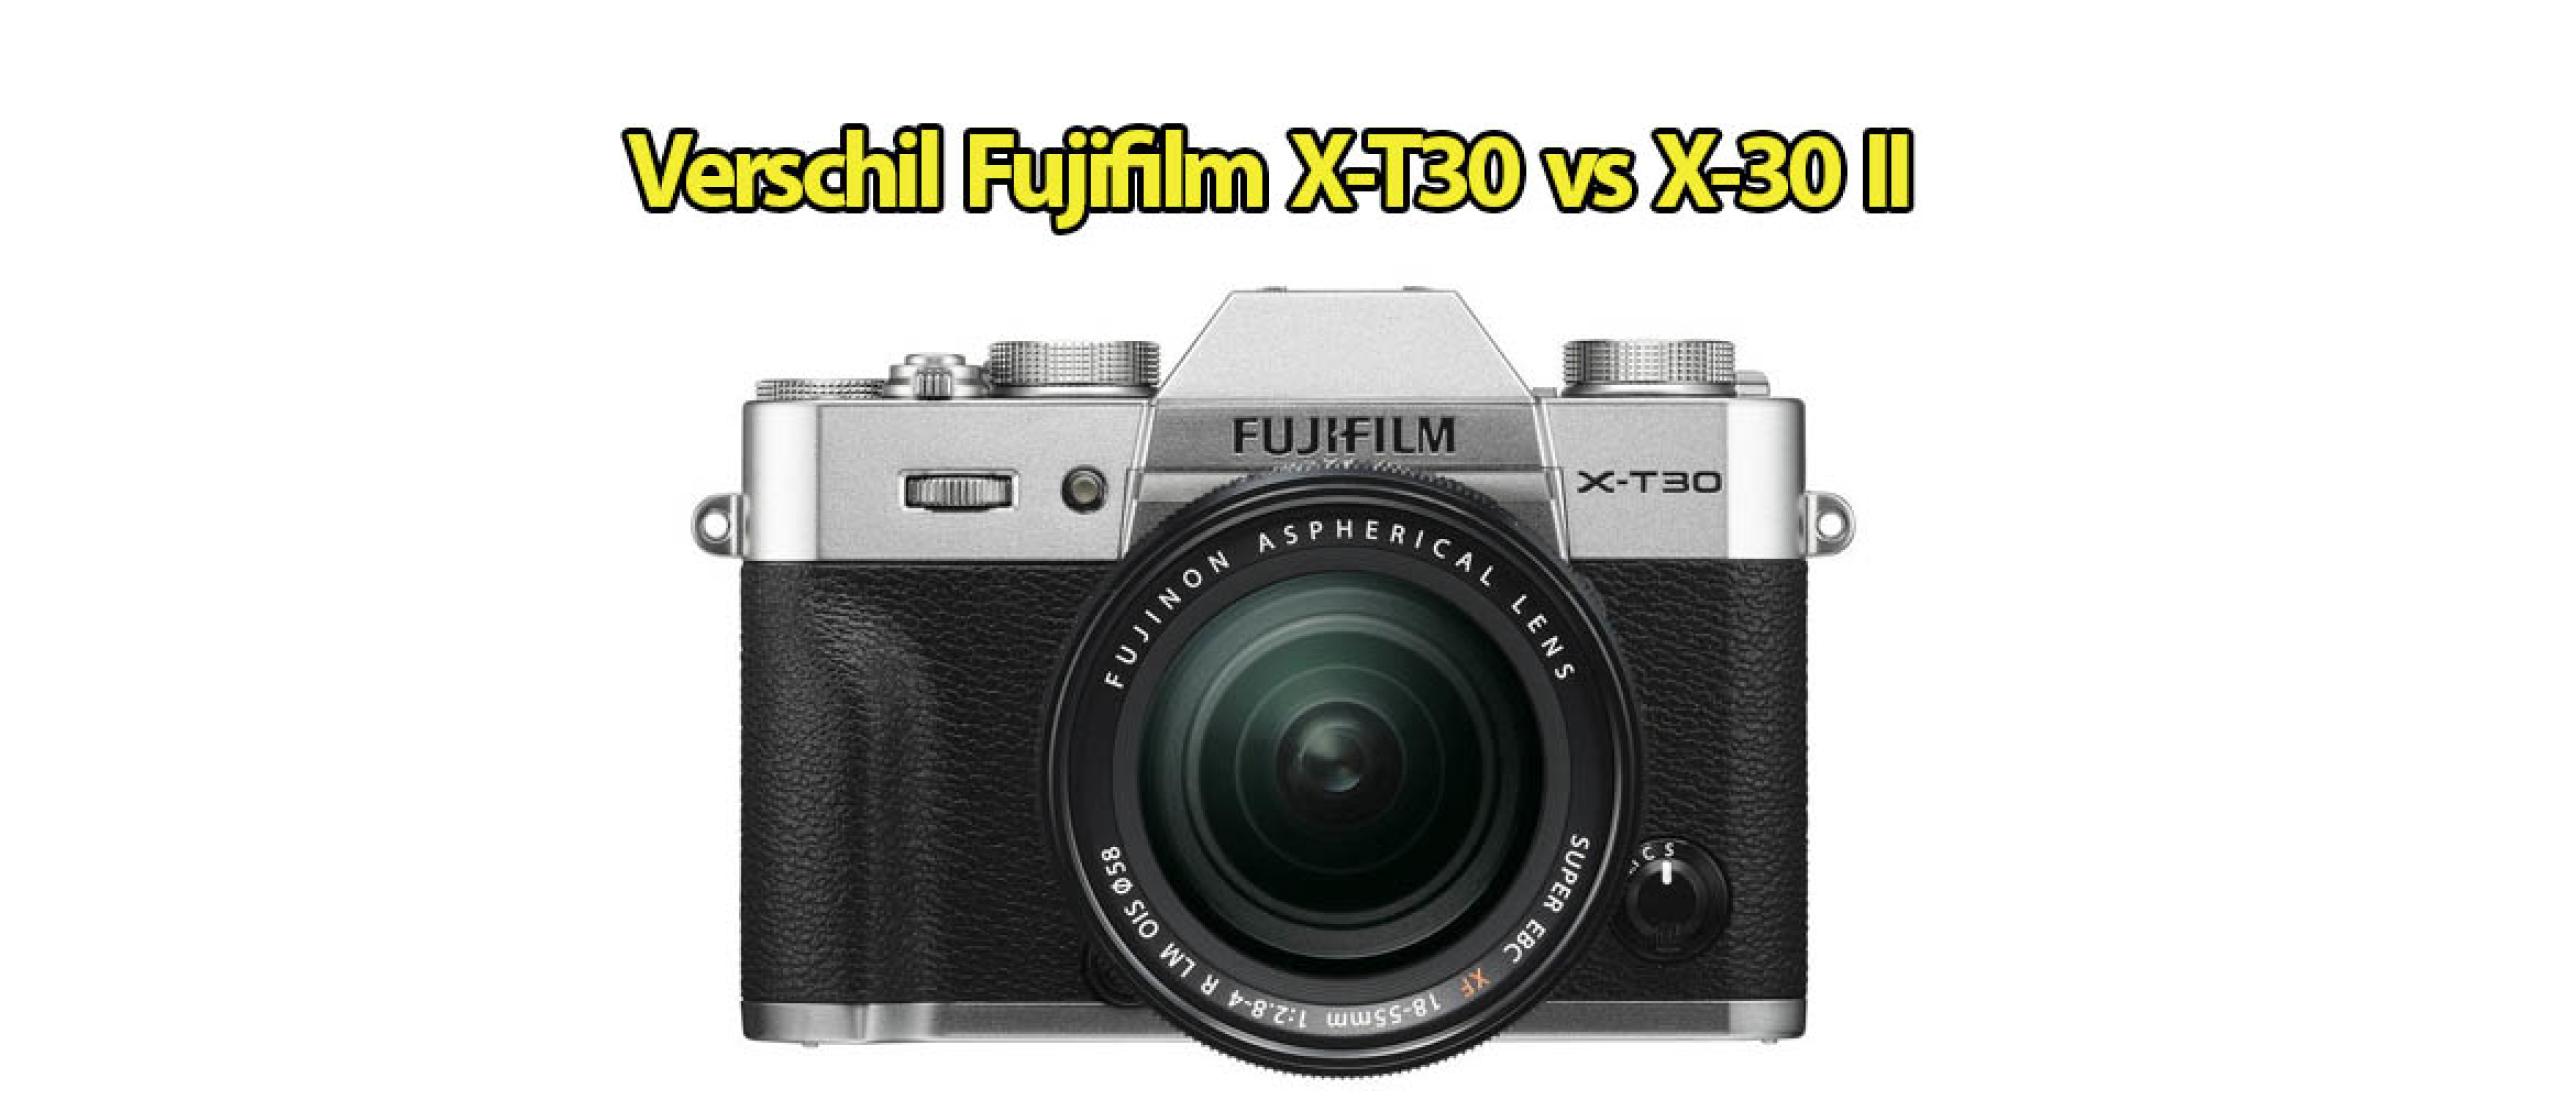 Verschil Fujifilm X-T30 en X-T30 II